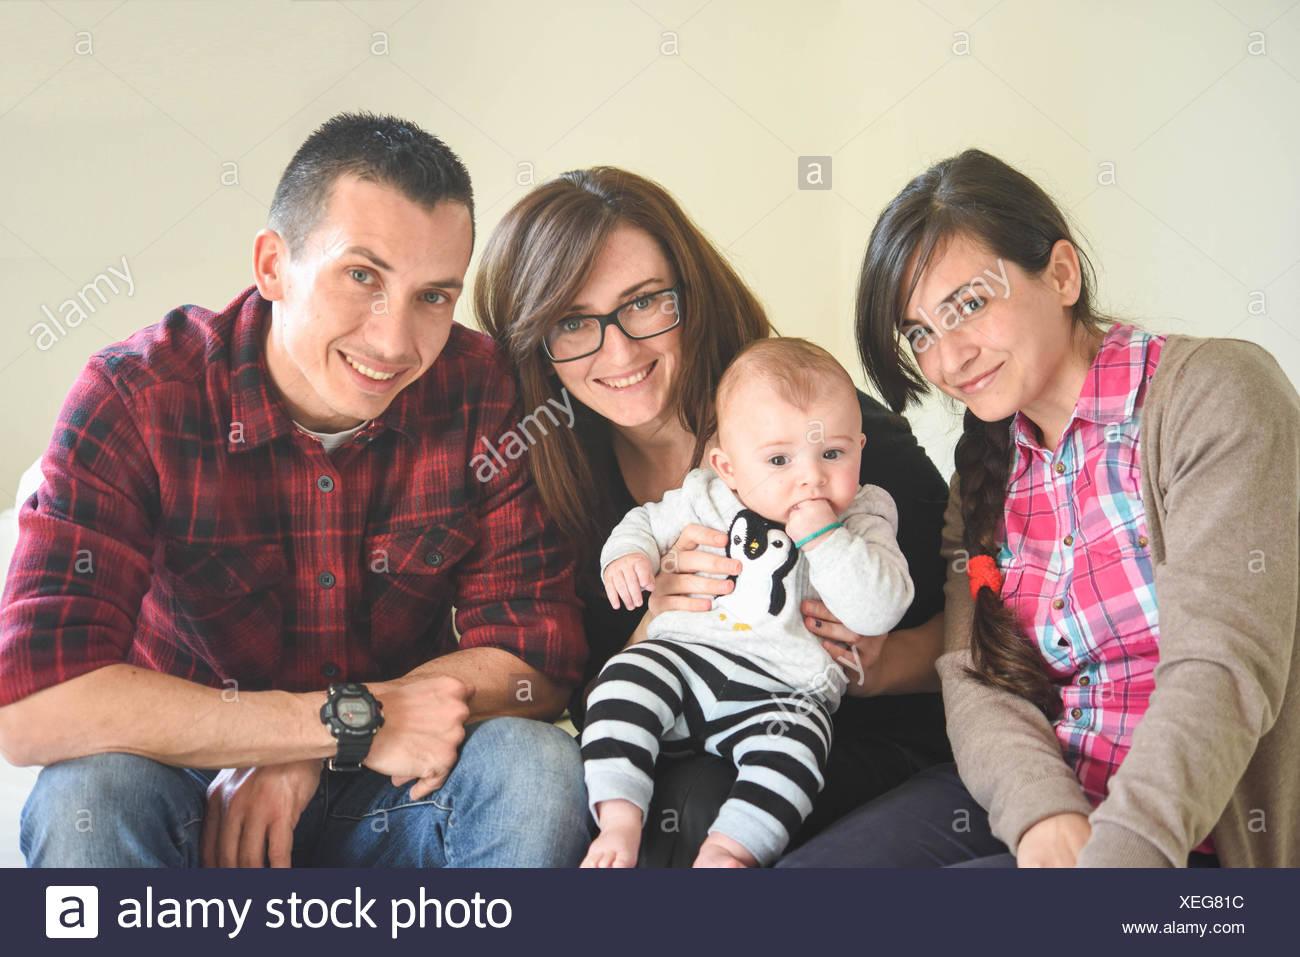 Feliz retrato de dos mujeres, un hombre y un bebé Imagen De Stock